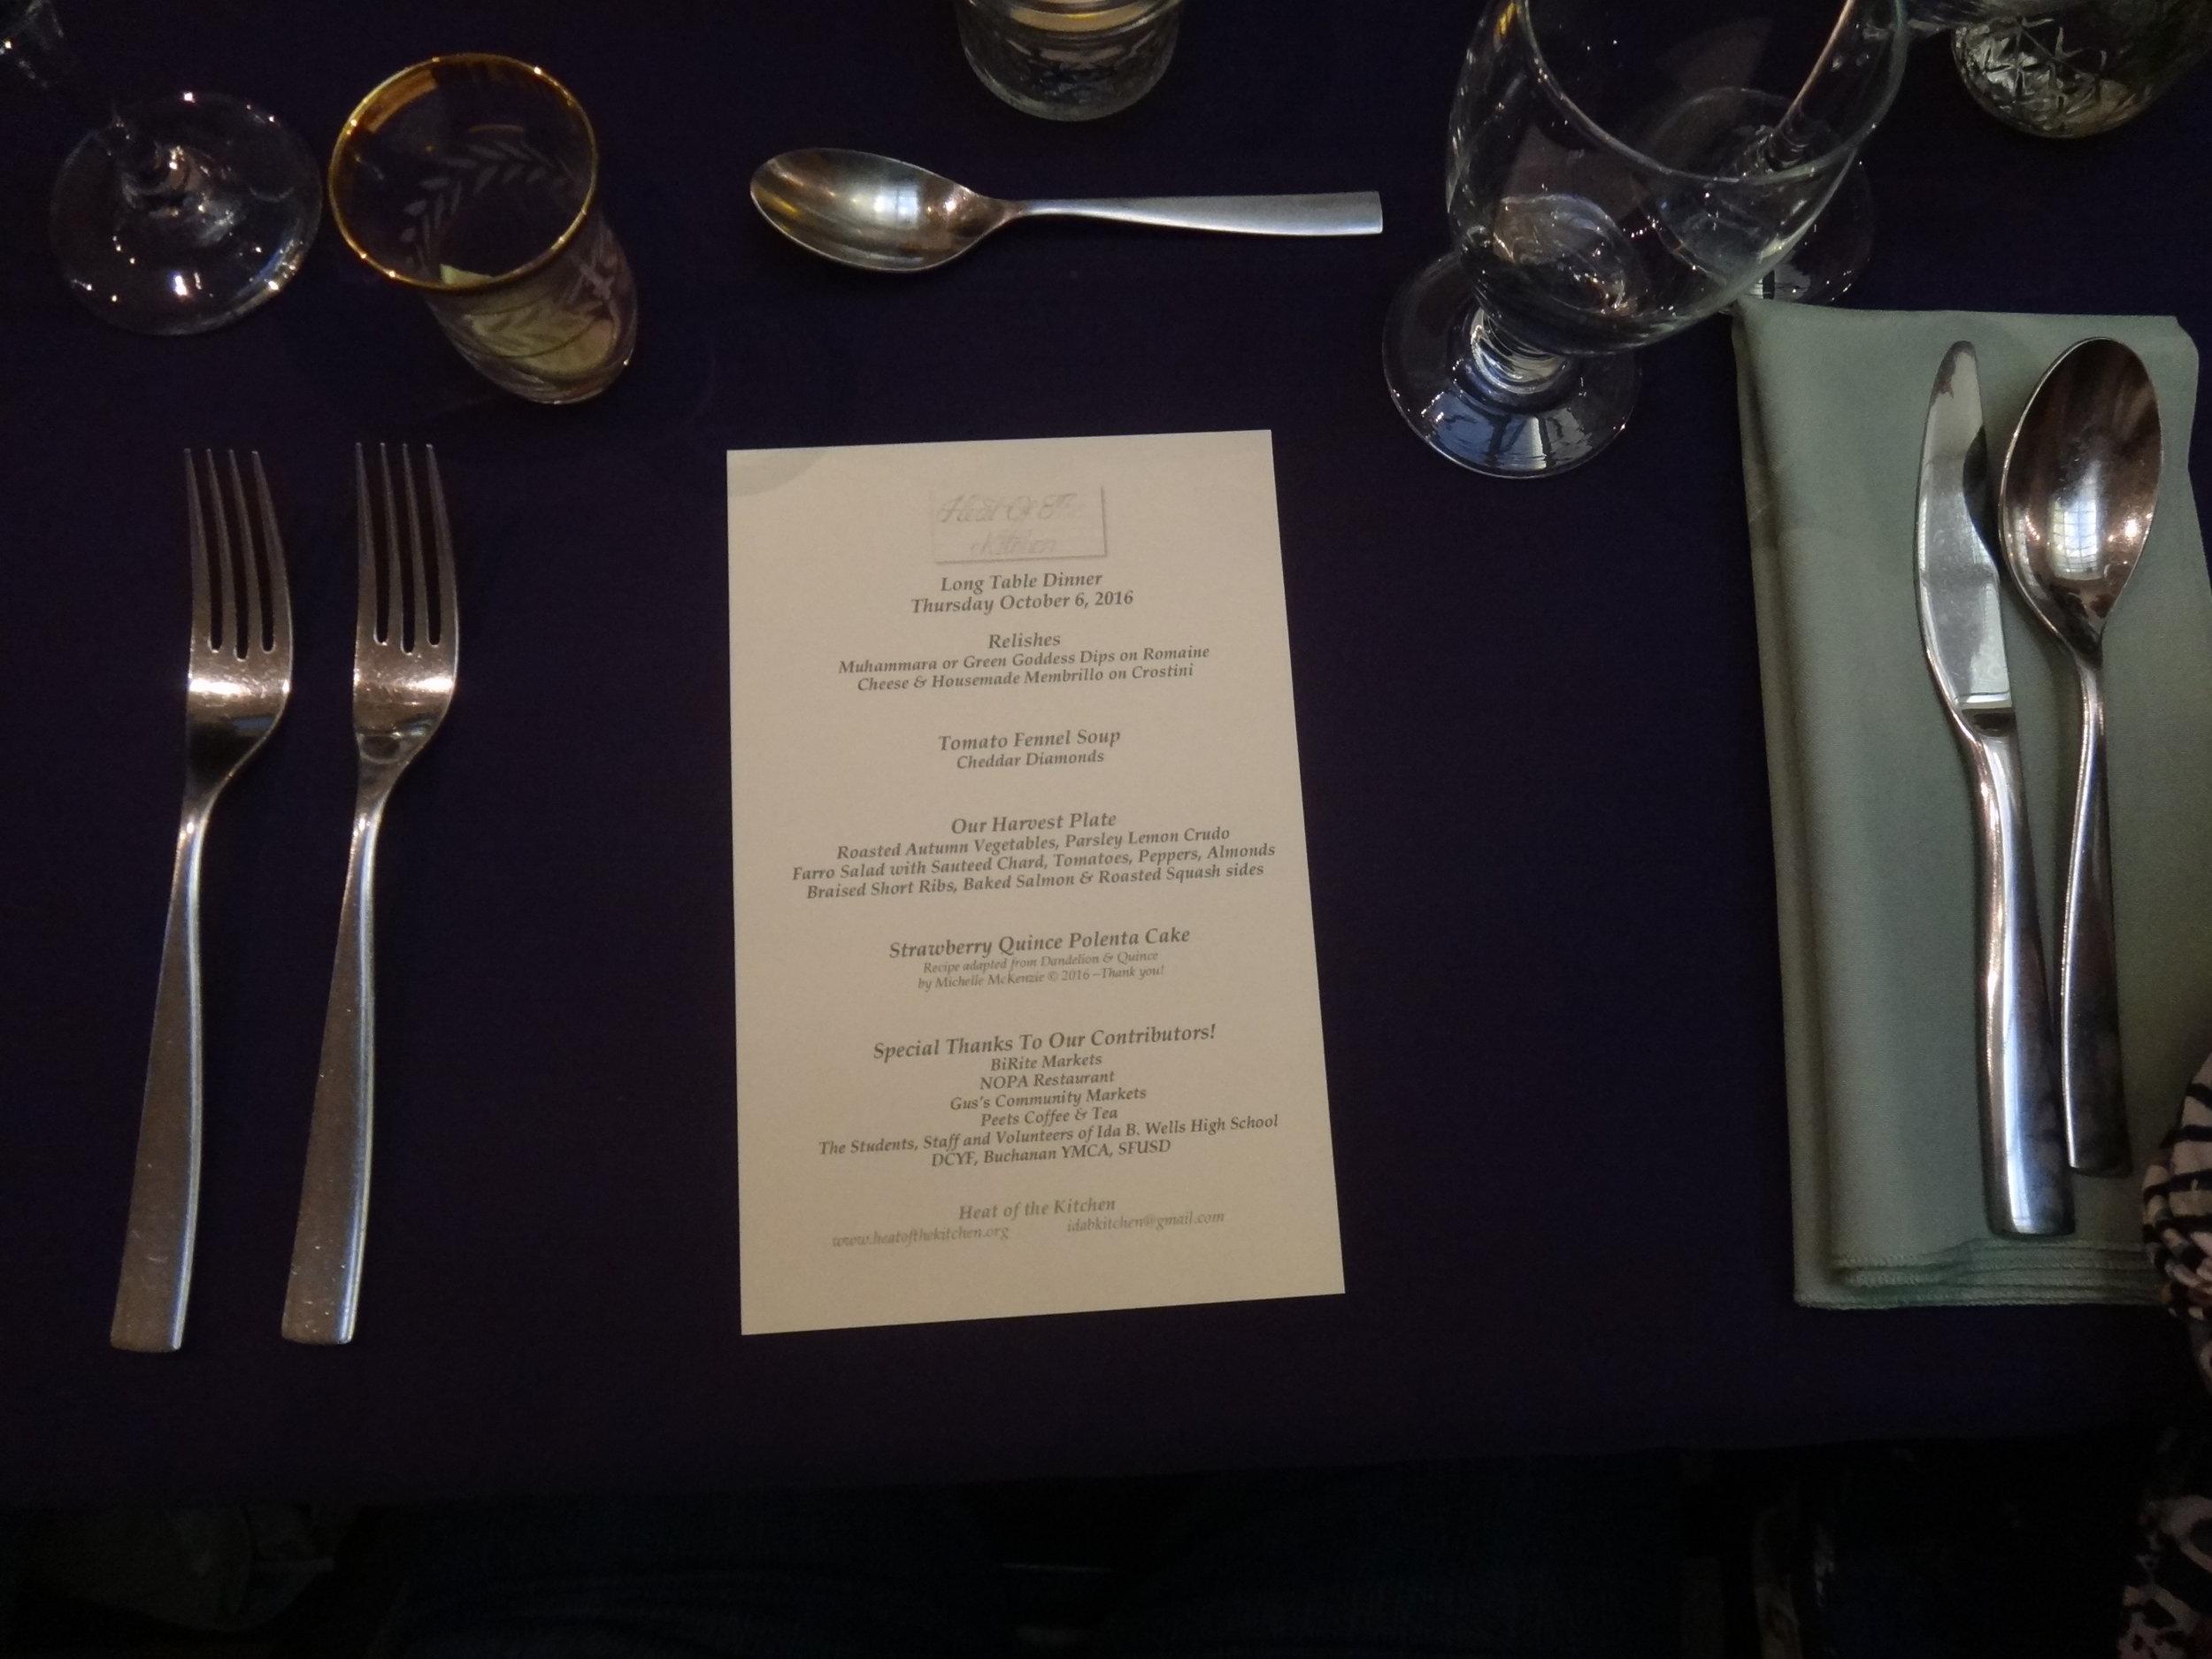 Four course menu.